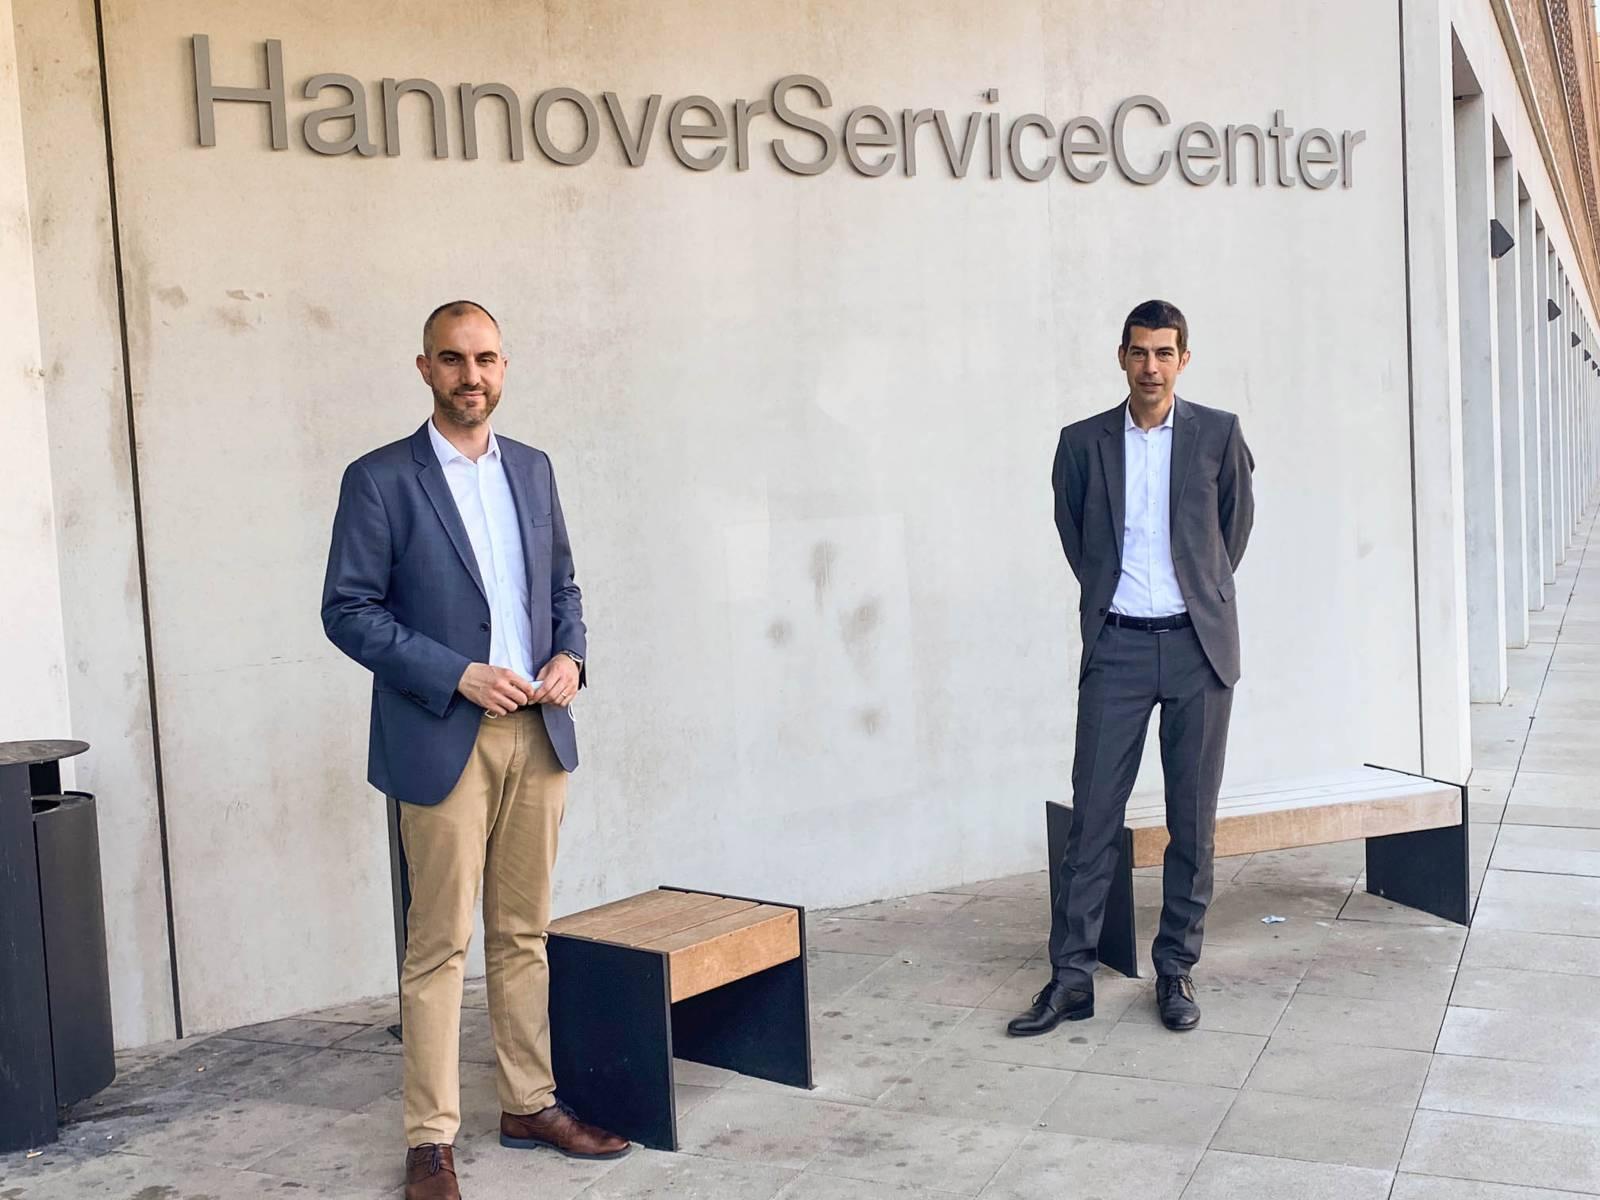 Zwei Männer vor einem Gebäude.